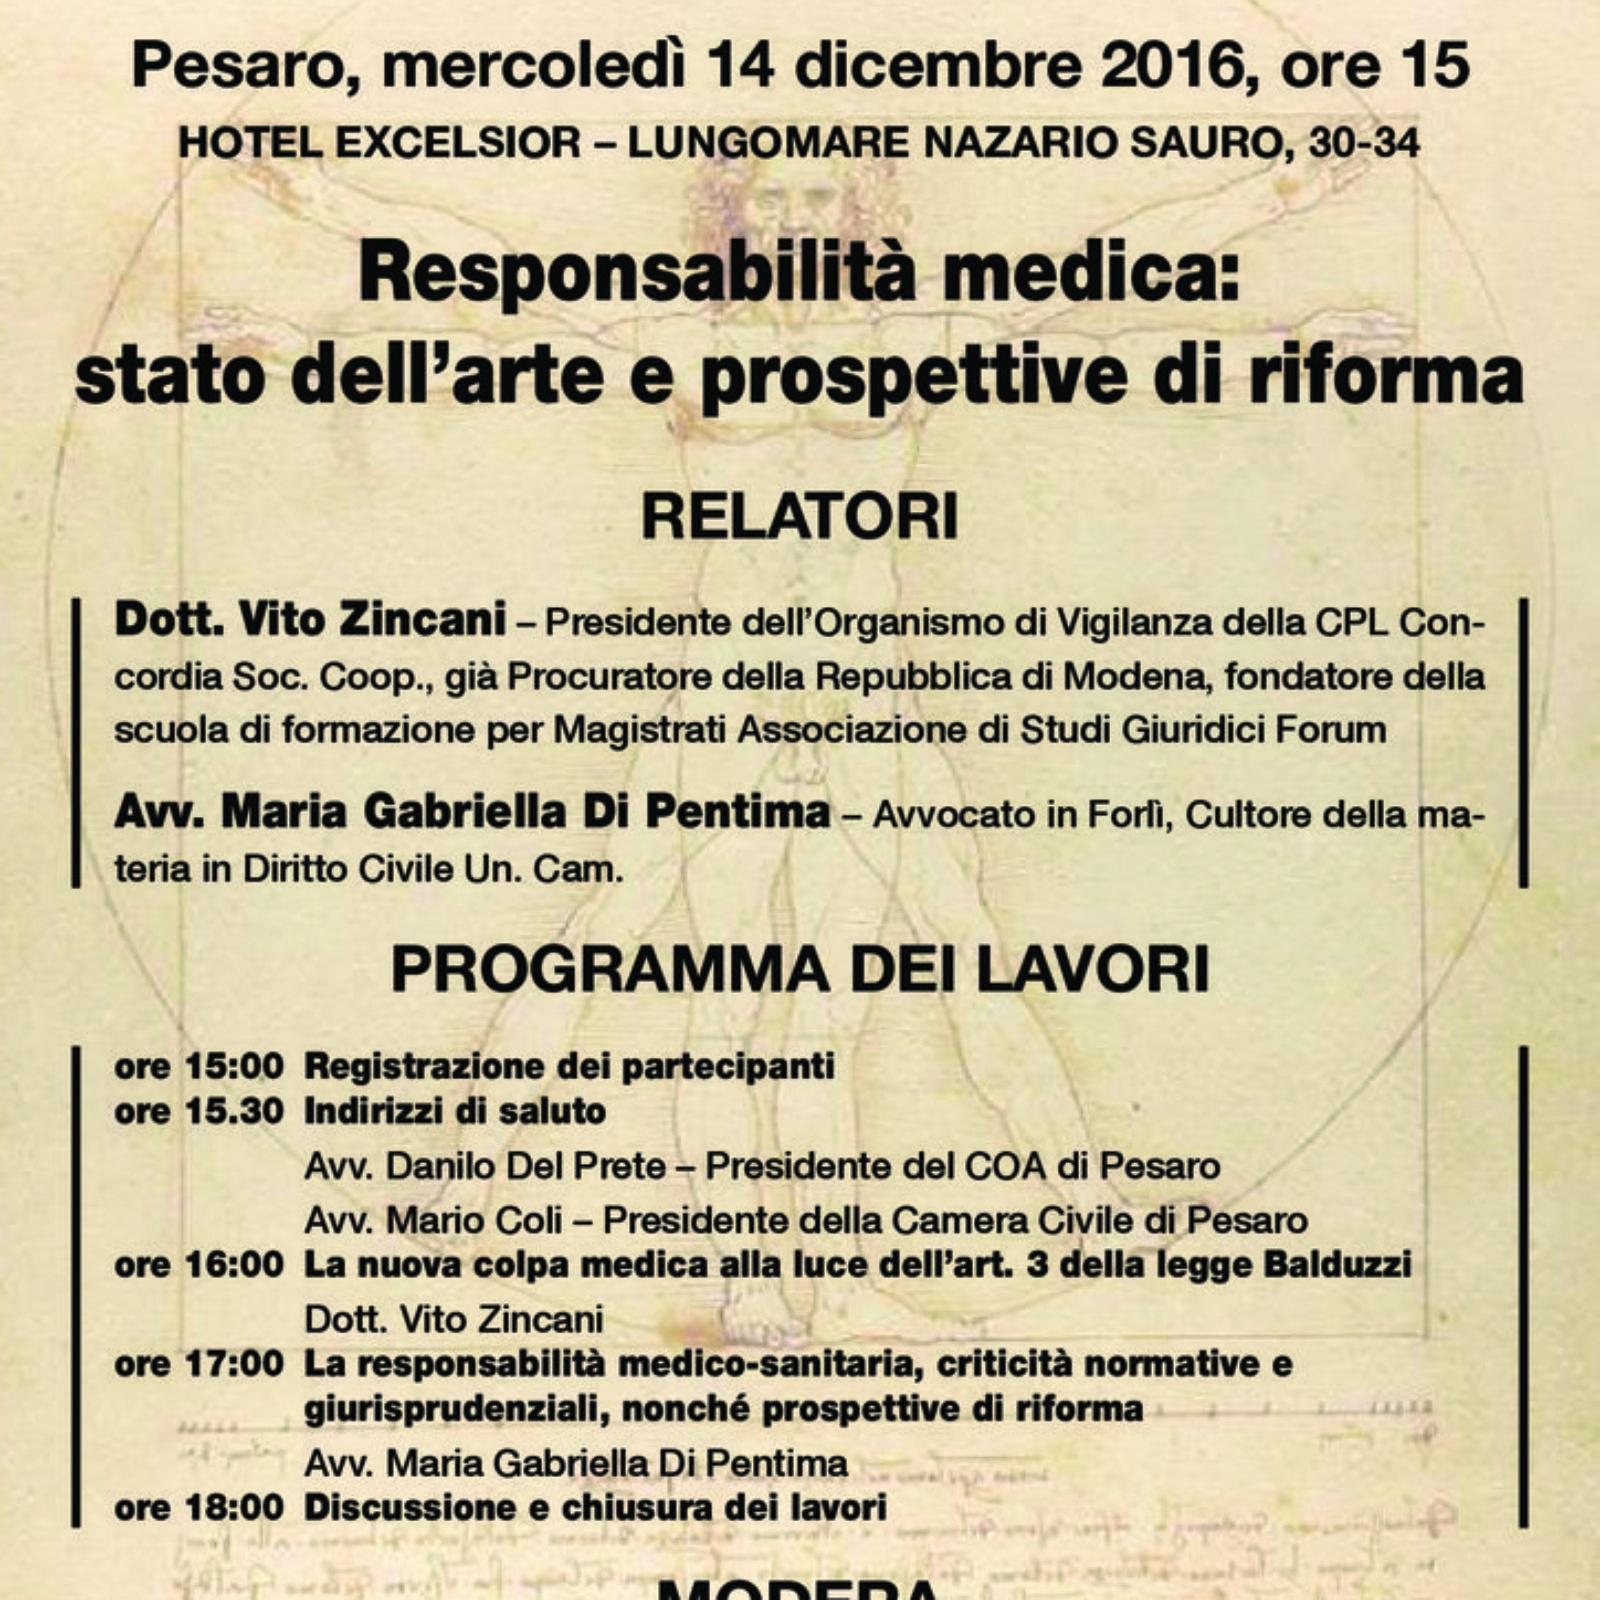 Convegno del 14/12/2016 dal titolo: Responsabilità medica:stato dell'arte e prospettive di riforma